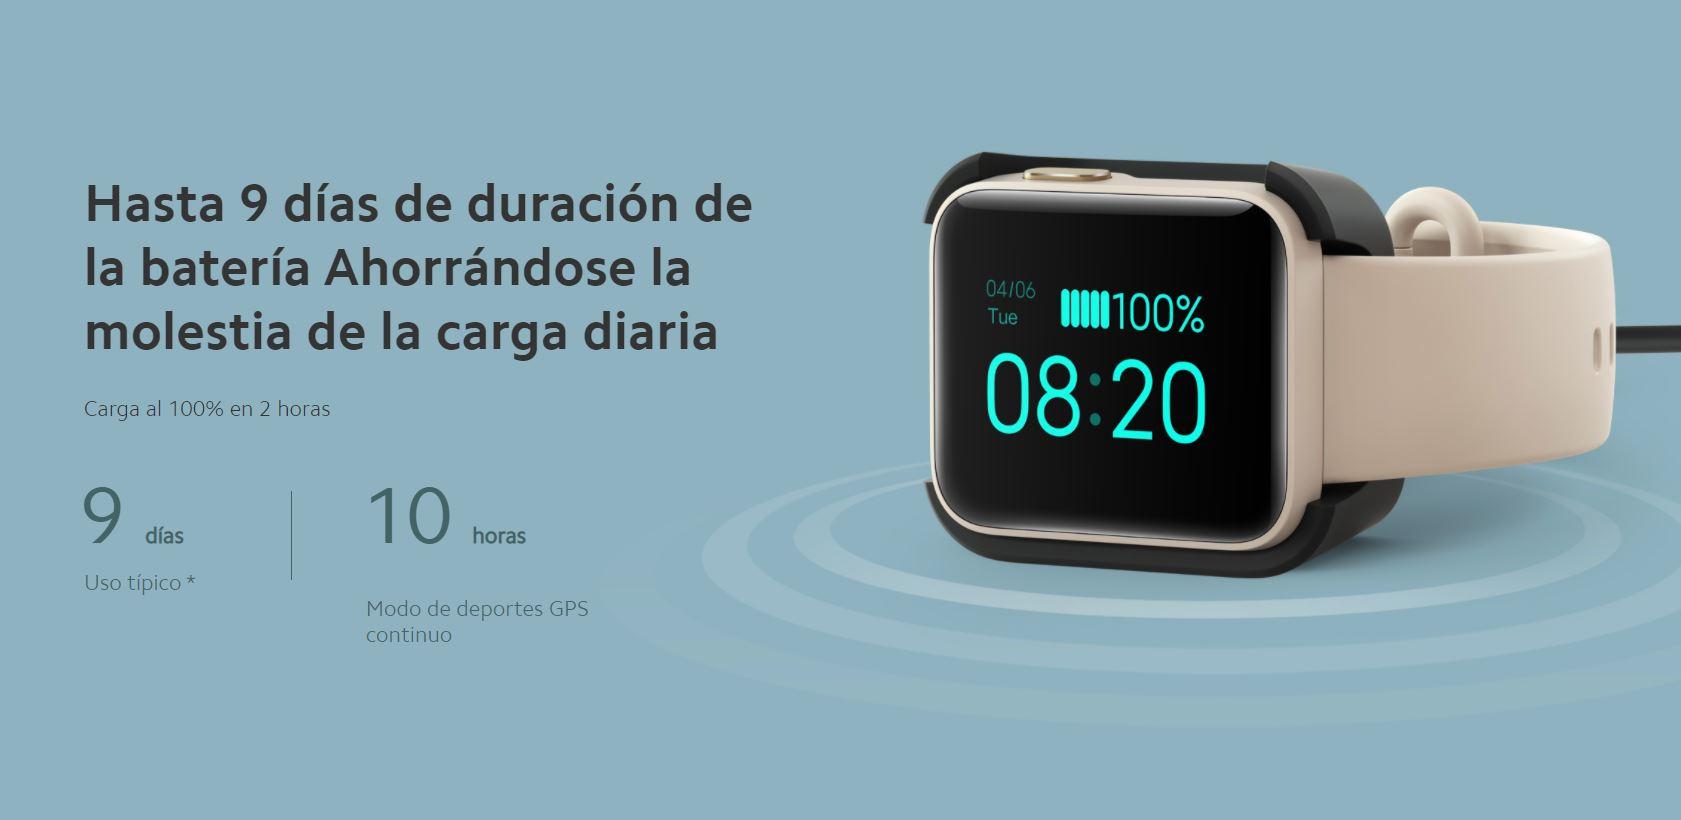 Nuevo Xiaomi Mi Watch Lite: el reloj inteligente más barato de Xiaomi ya está aquí global. Noticias Xiaomi Adictos